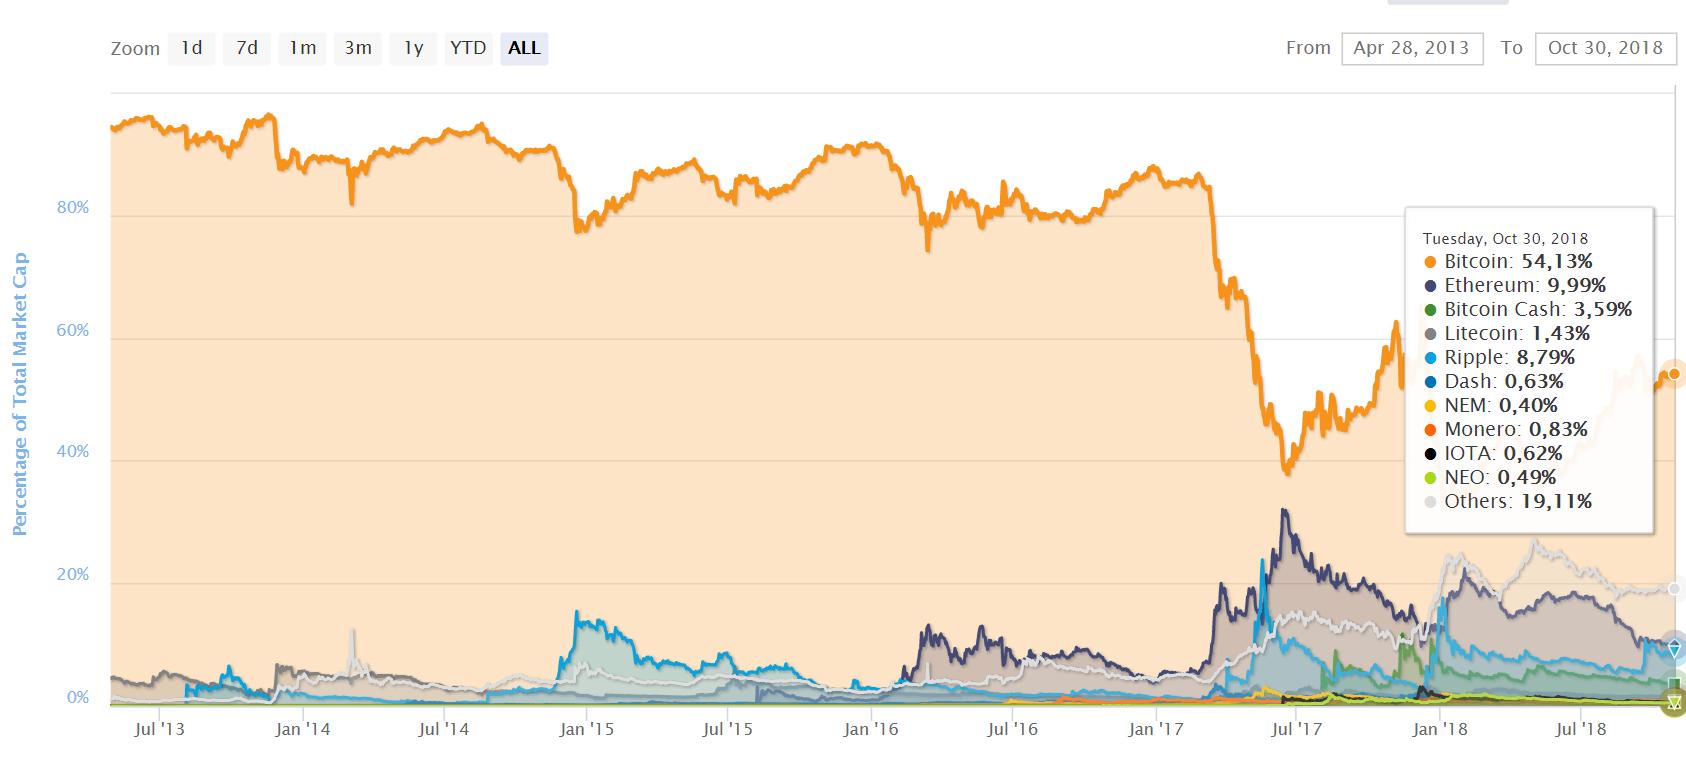 újraindult az ármozgás - bitcoin dominancia 54 százalékon